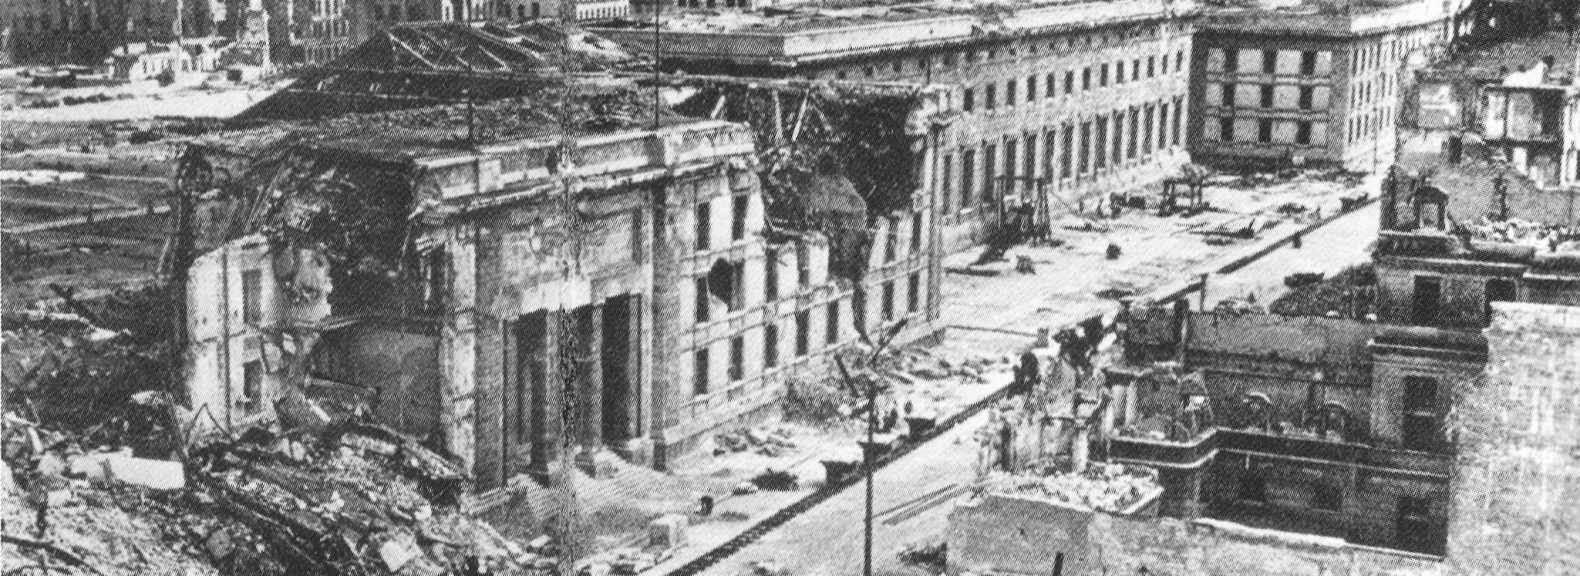 Nueva Cancillería del Reich destruida durante la guerra